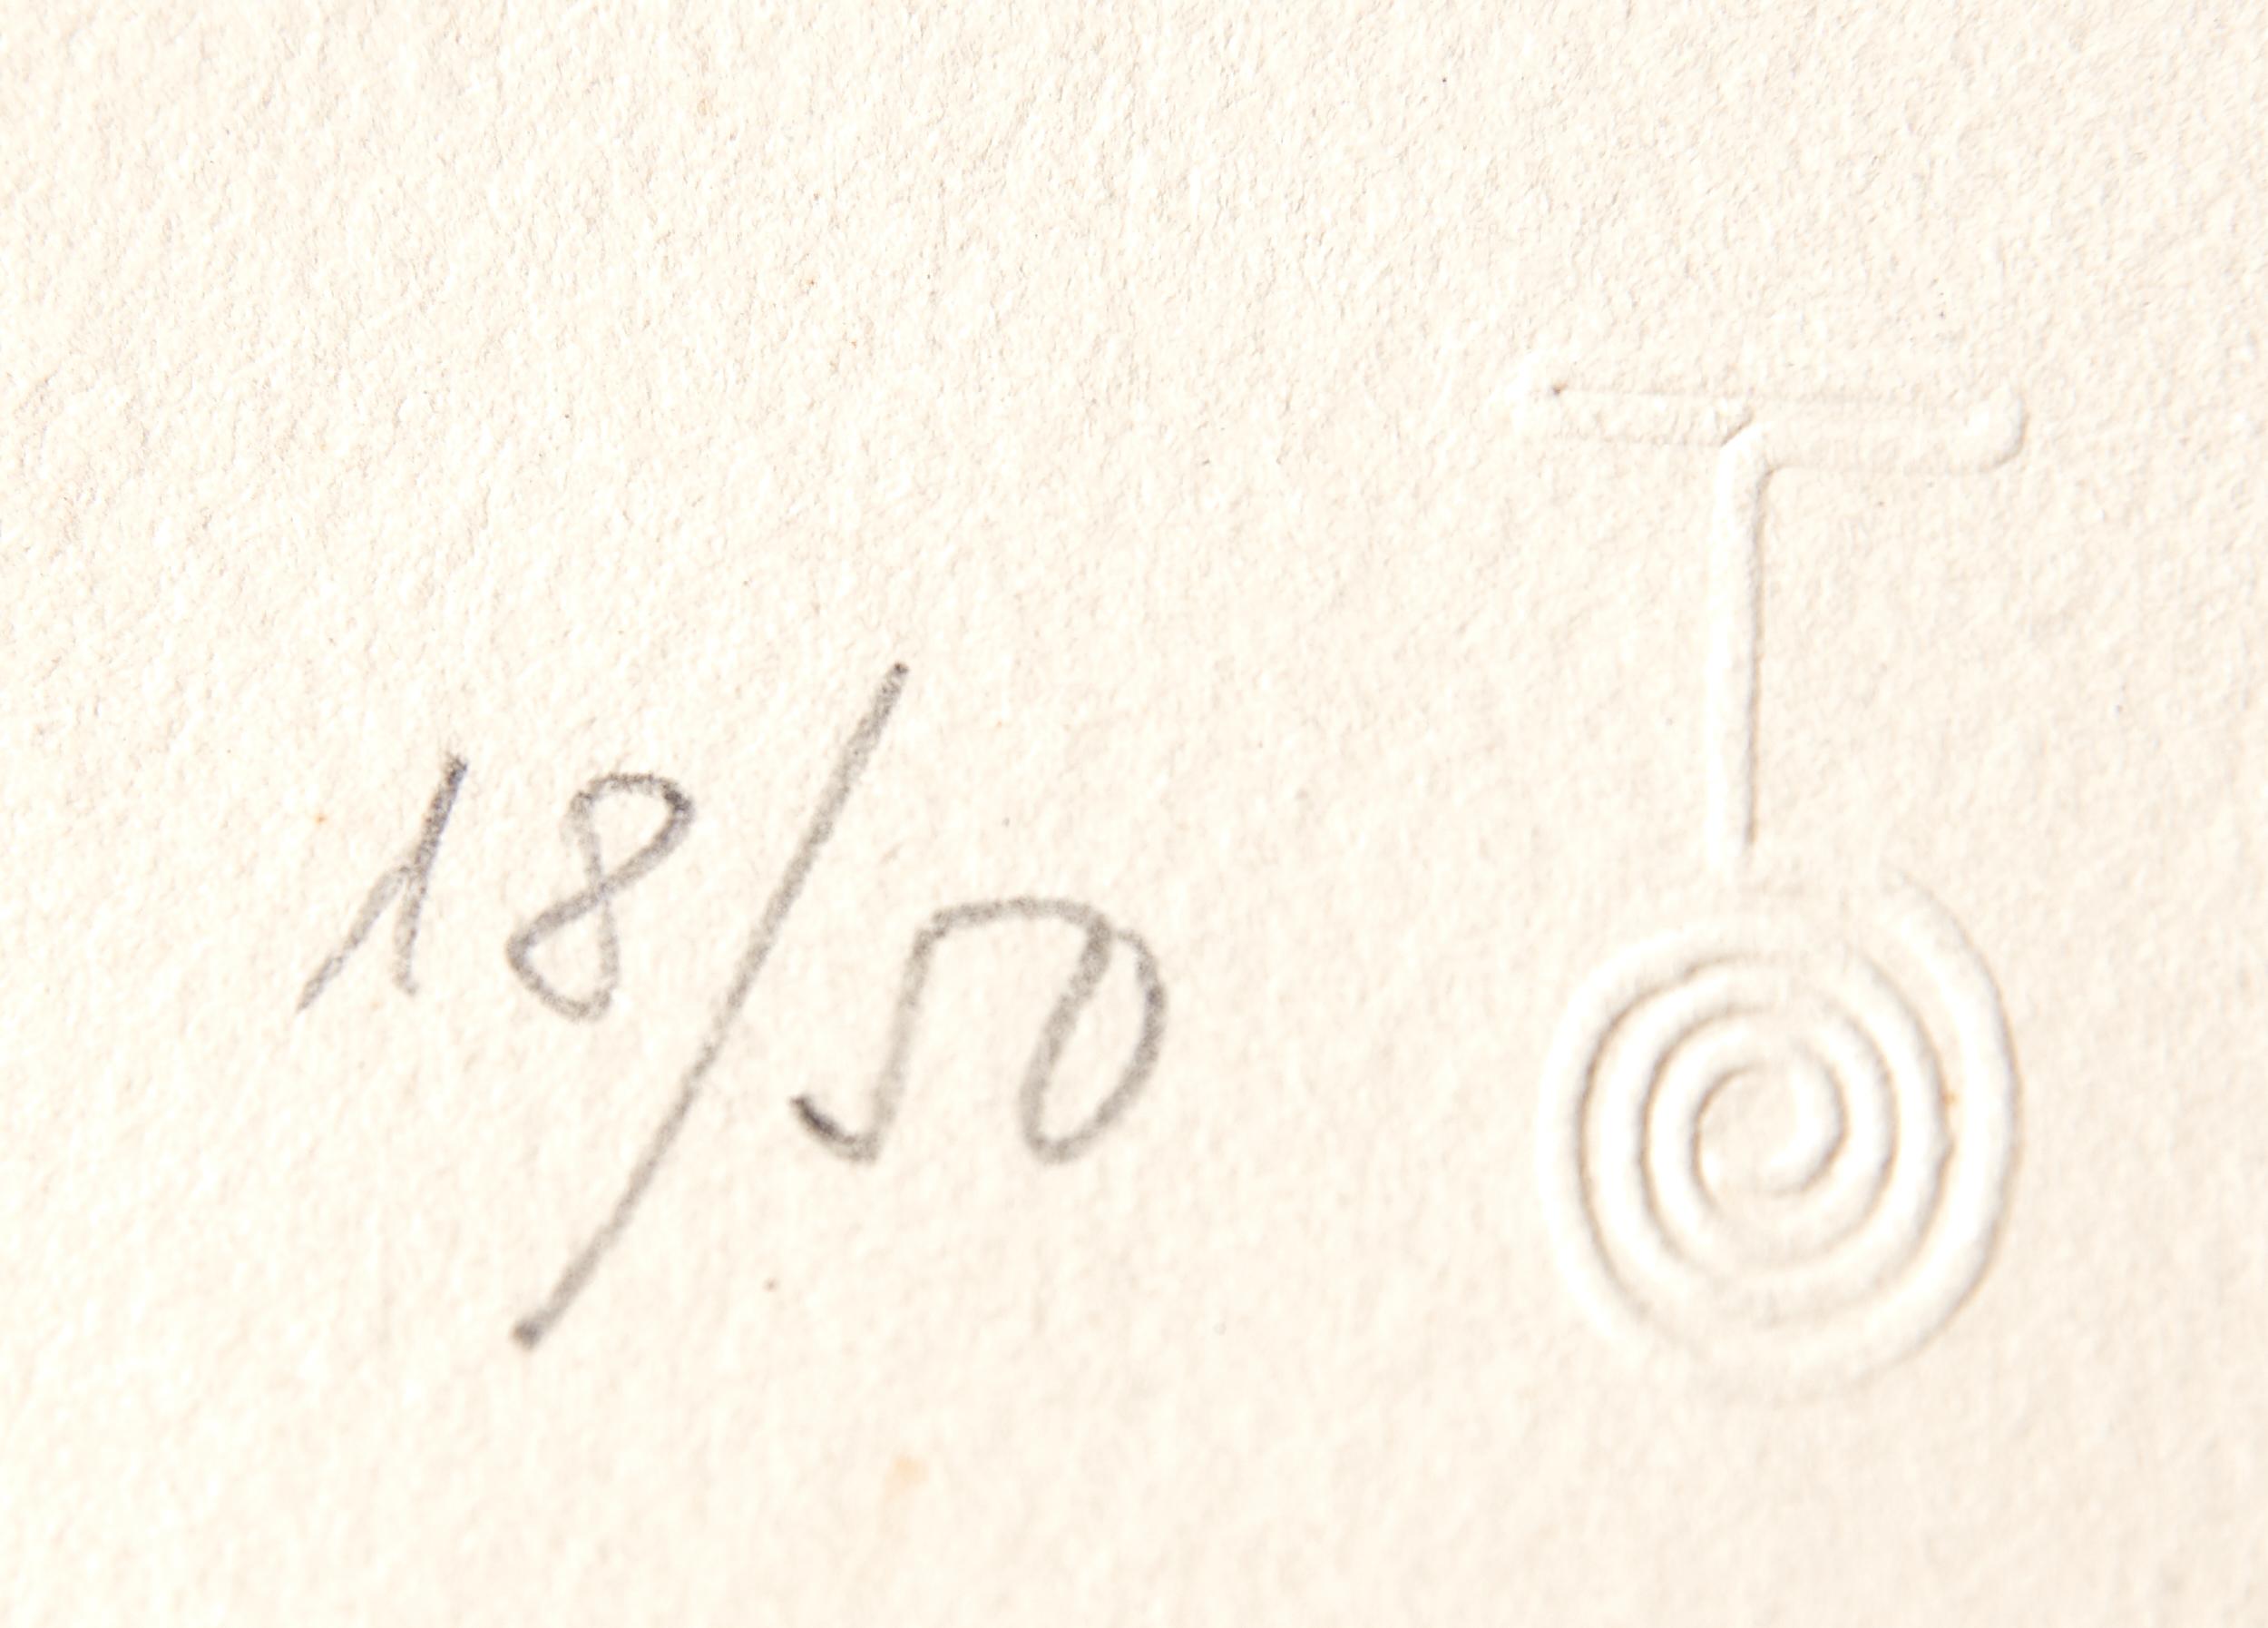 Lot 57 - Joan Miro Espriu Aquatint Etching on Paper D.870